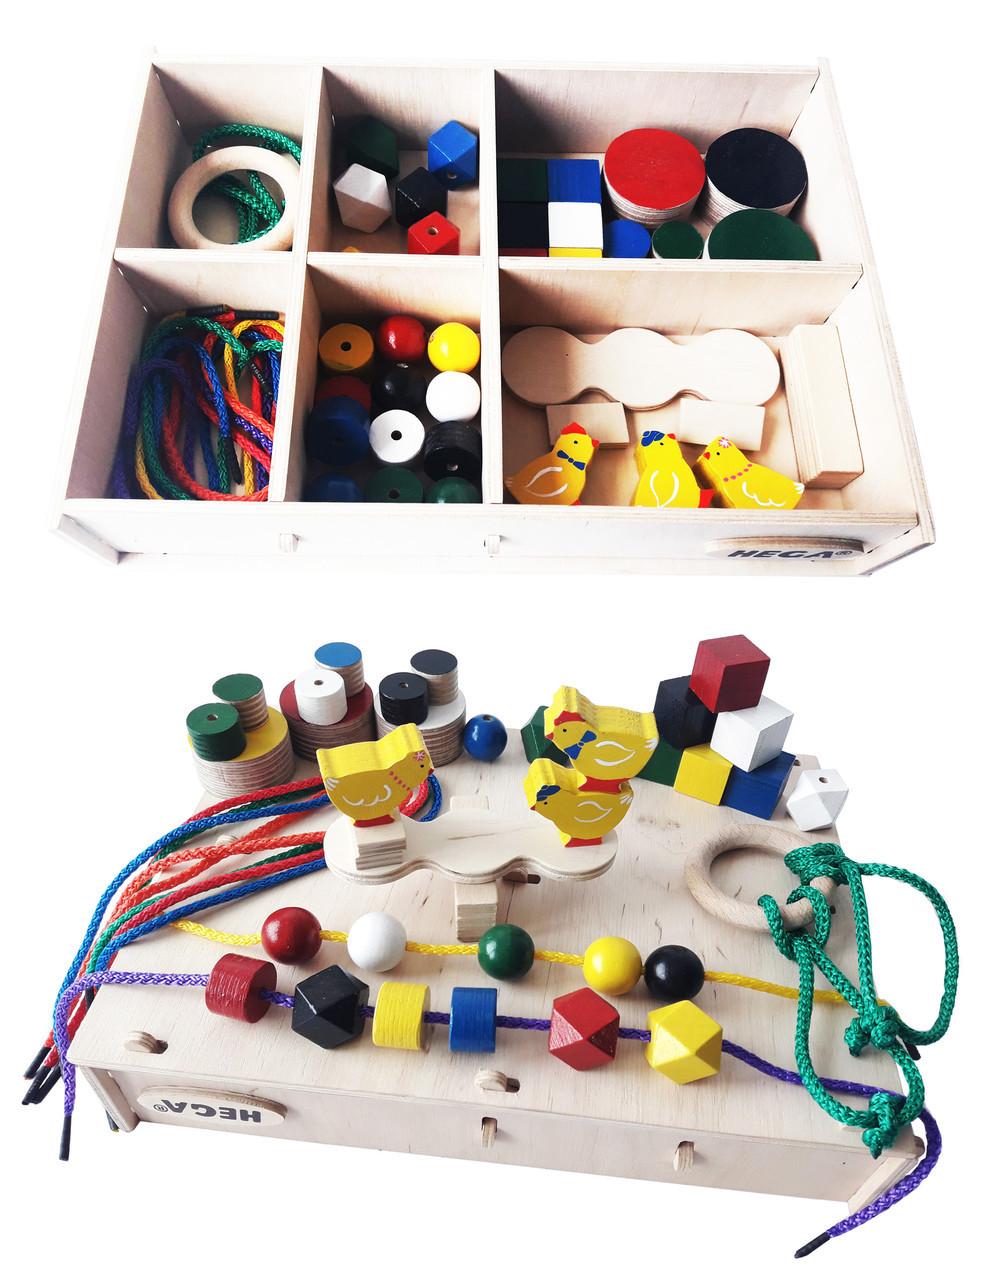 Набір Hega 3 ускладнений  ігровий розвиваючий кольоровий в коробці 46 елементів (68)